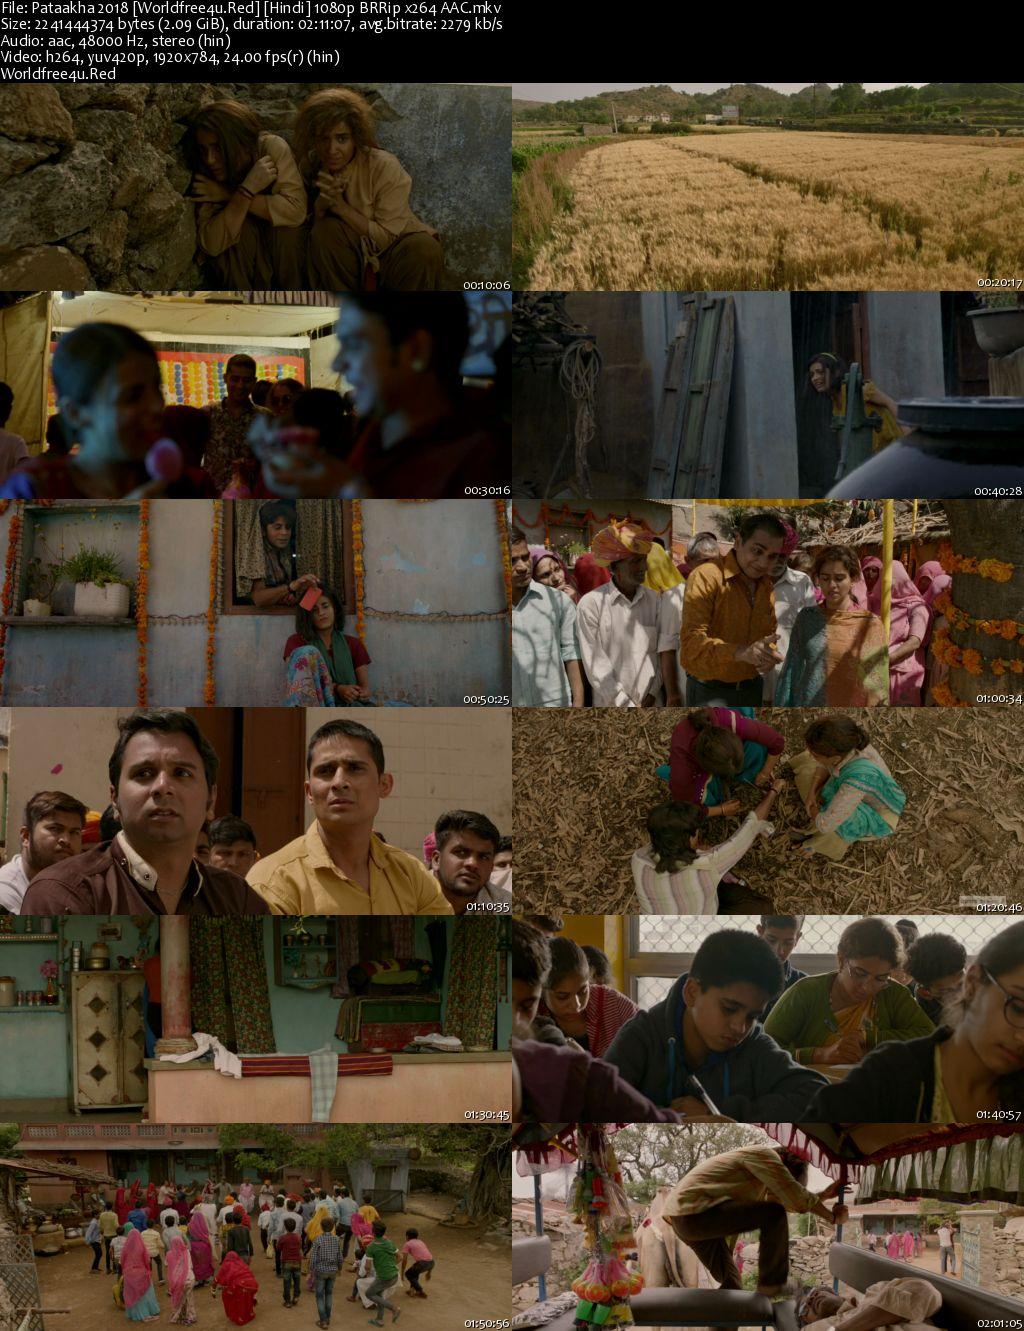 Pataakha 2018 Hindi BRRip 1080p